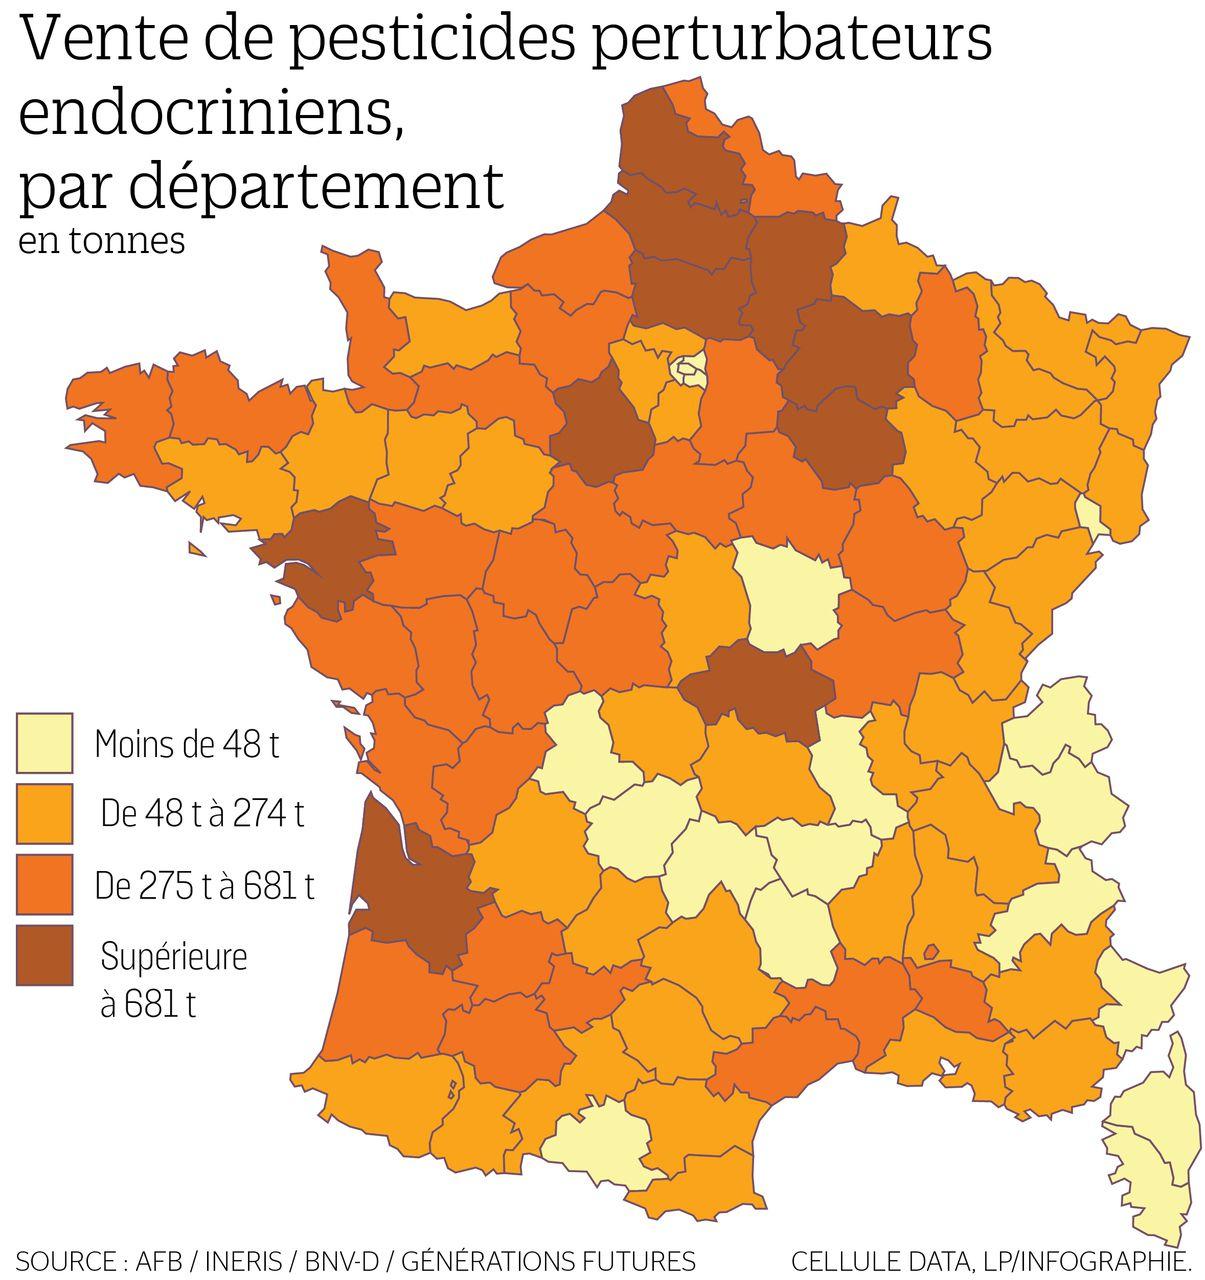 La Carte De France Des Départements Les Plus Consommateurs dedans Tableau Des Départements Français